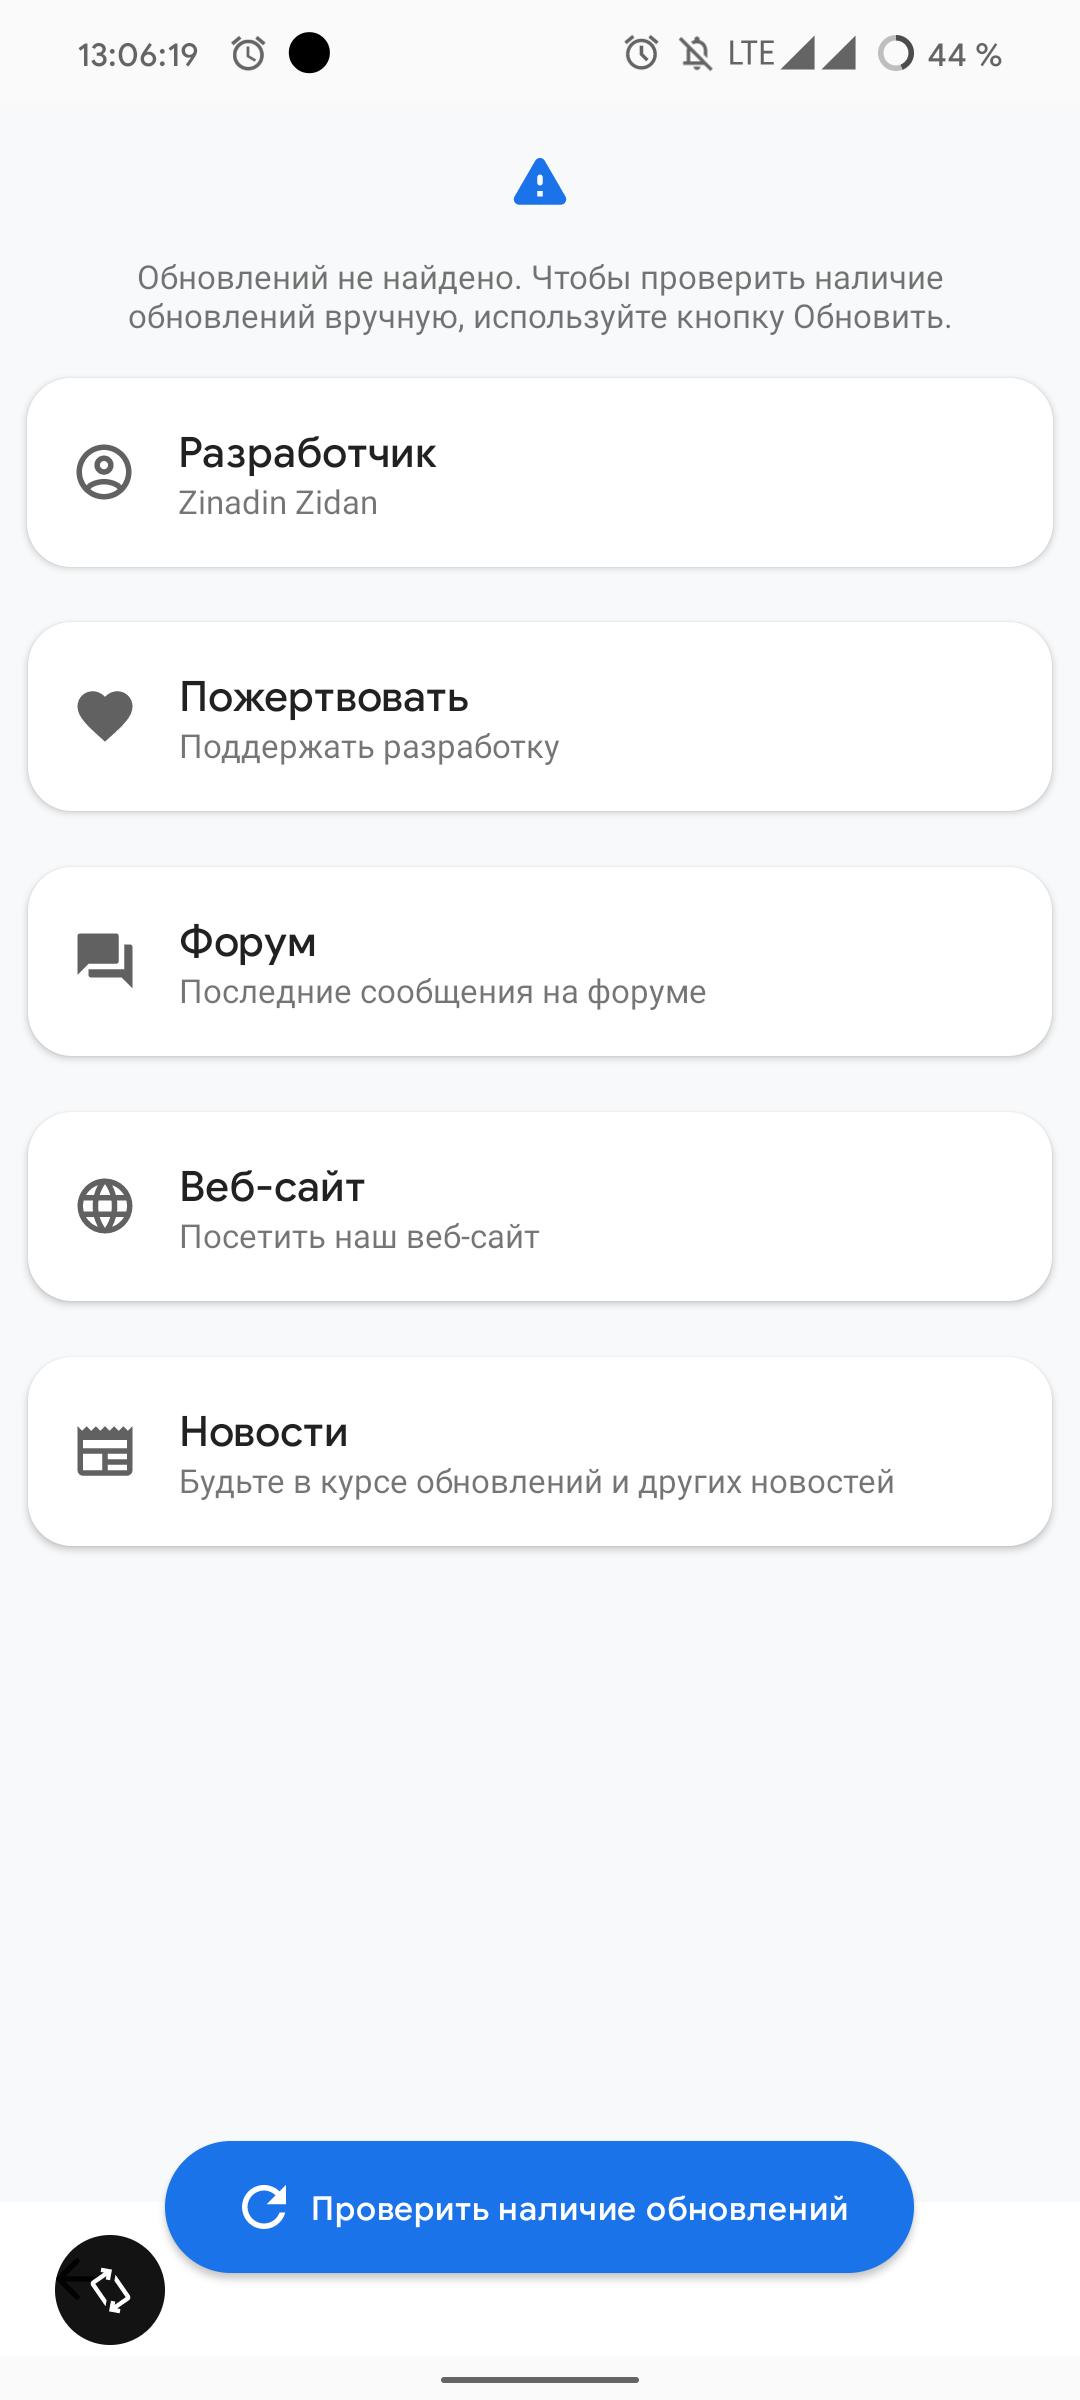 Screenshot_20211011-130620_Обновления_системы.png